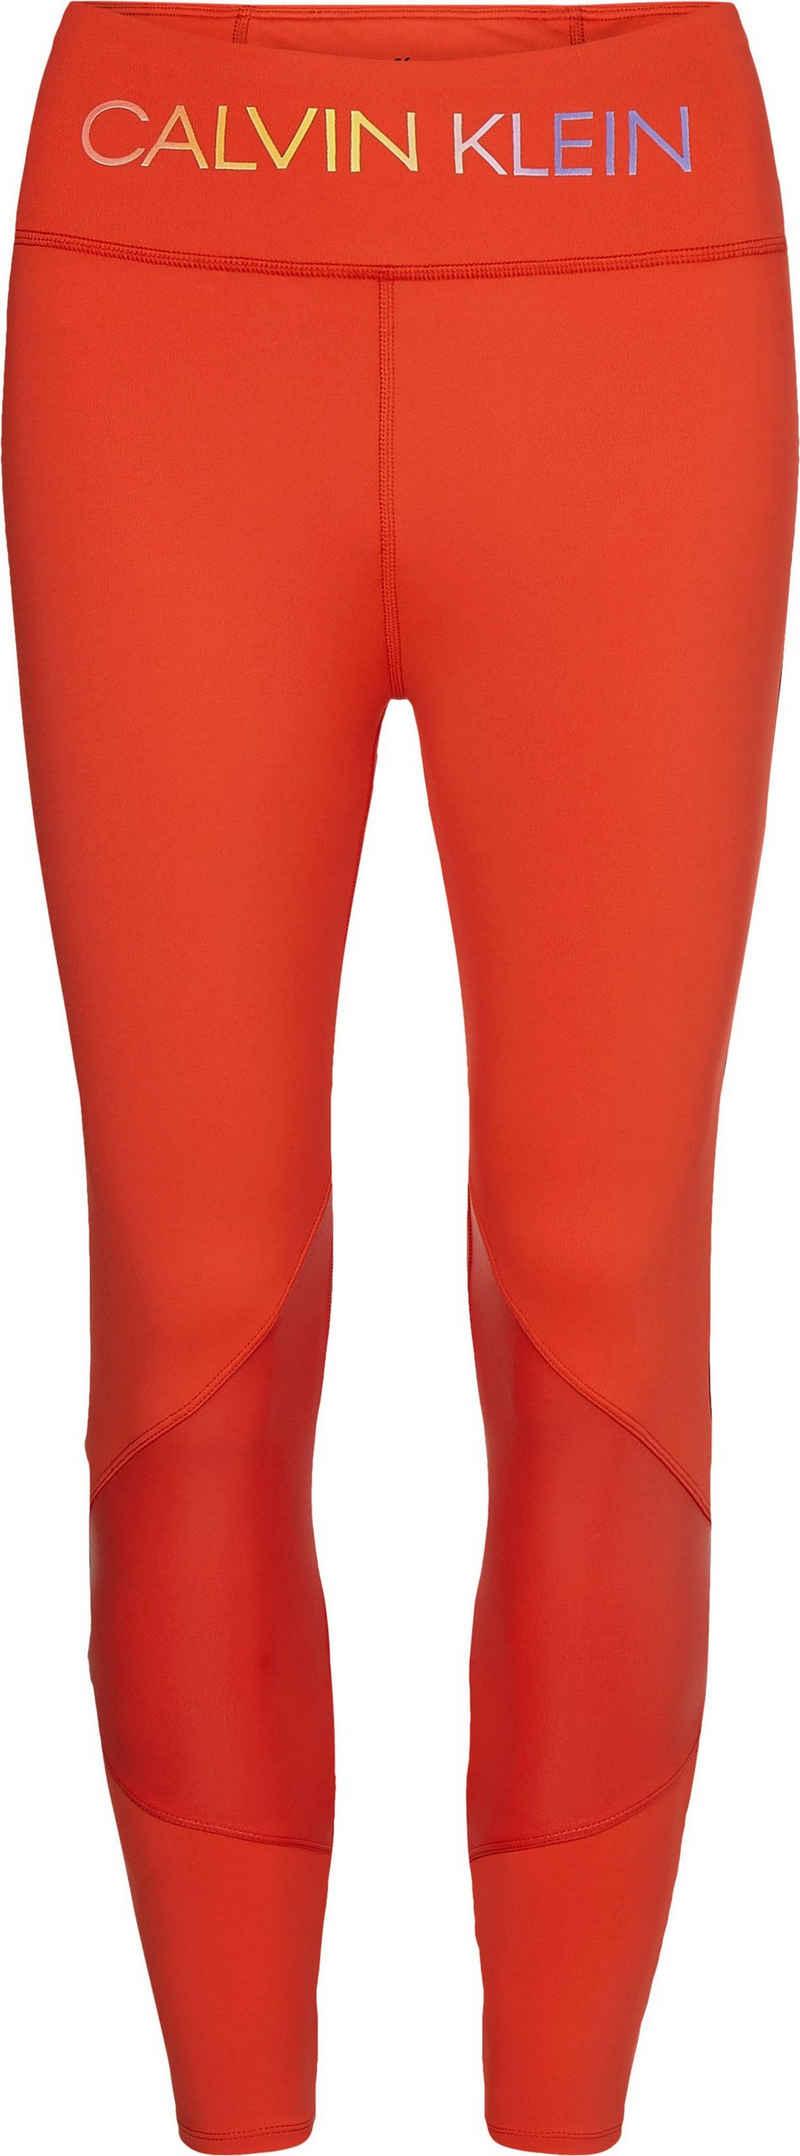 Calvin Klein Performance Funktionsleggings »WO - 7/8 Tight« mit gekreuzten Bändern am hinteren Saum